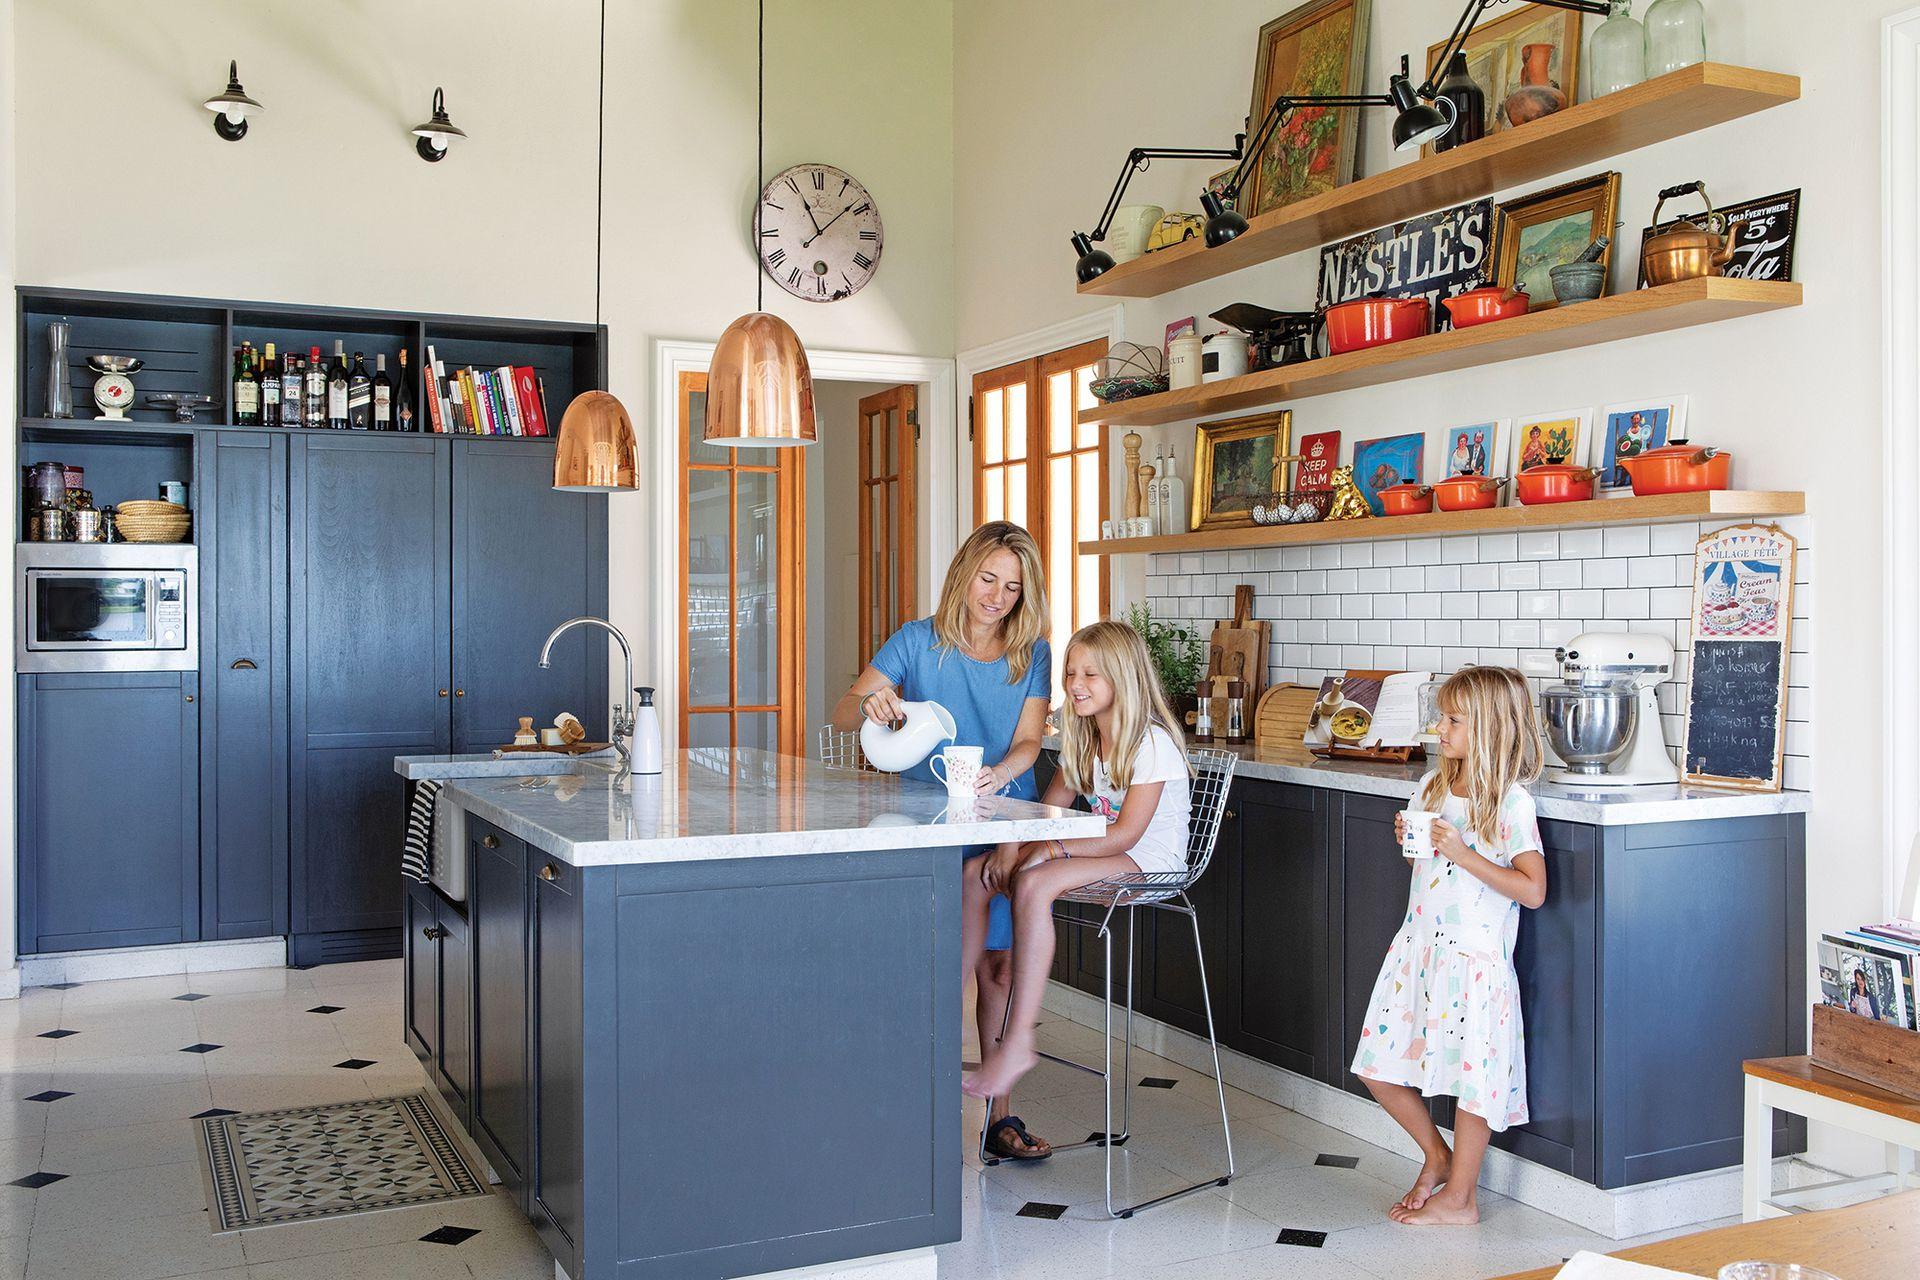 Si los muebles de color oscuro se inspiran en las cocinas inglesas, el piso de mosaico (Blangino) vino por la película Ratatouille: Connie eligió uno granítico con el mismo diseño que el del entrañable film animado. Lámparas colgantes (Díaz Iluminación).